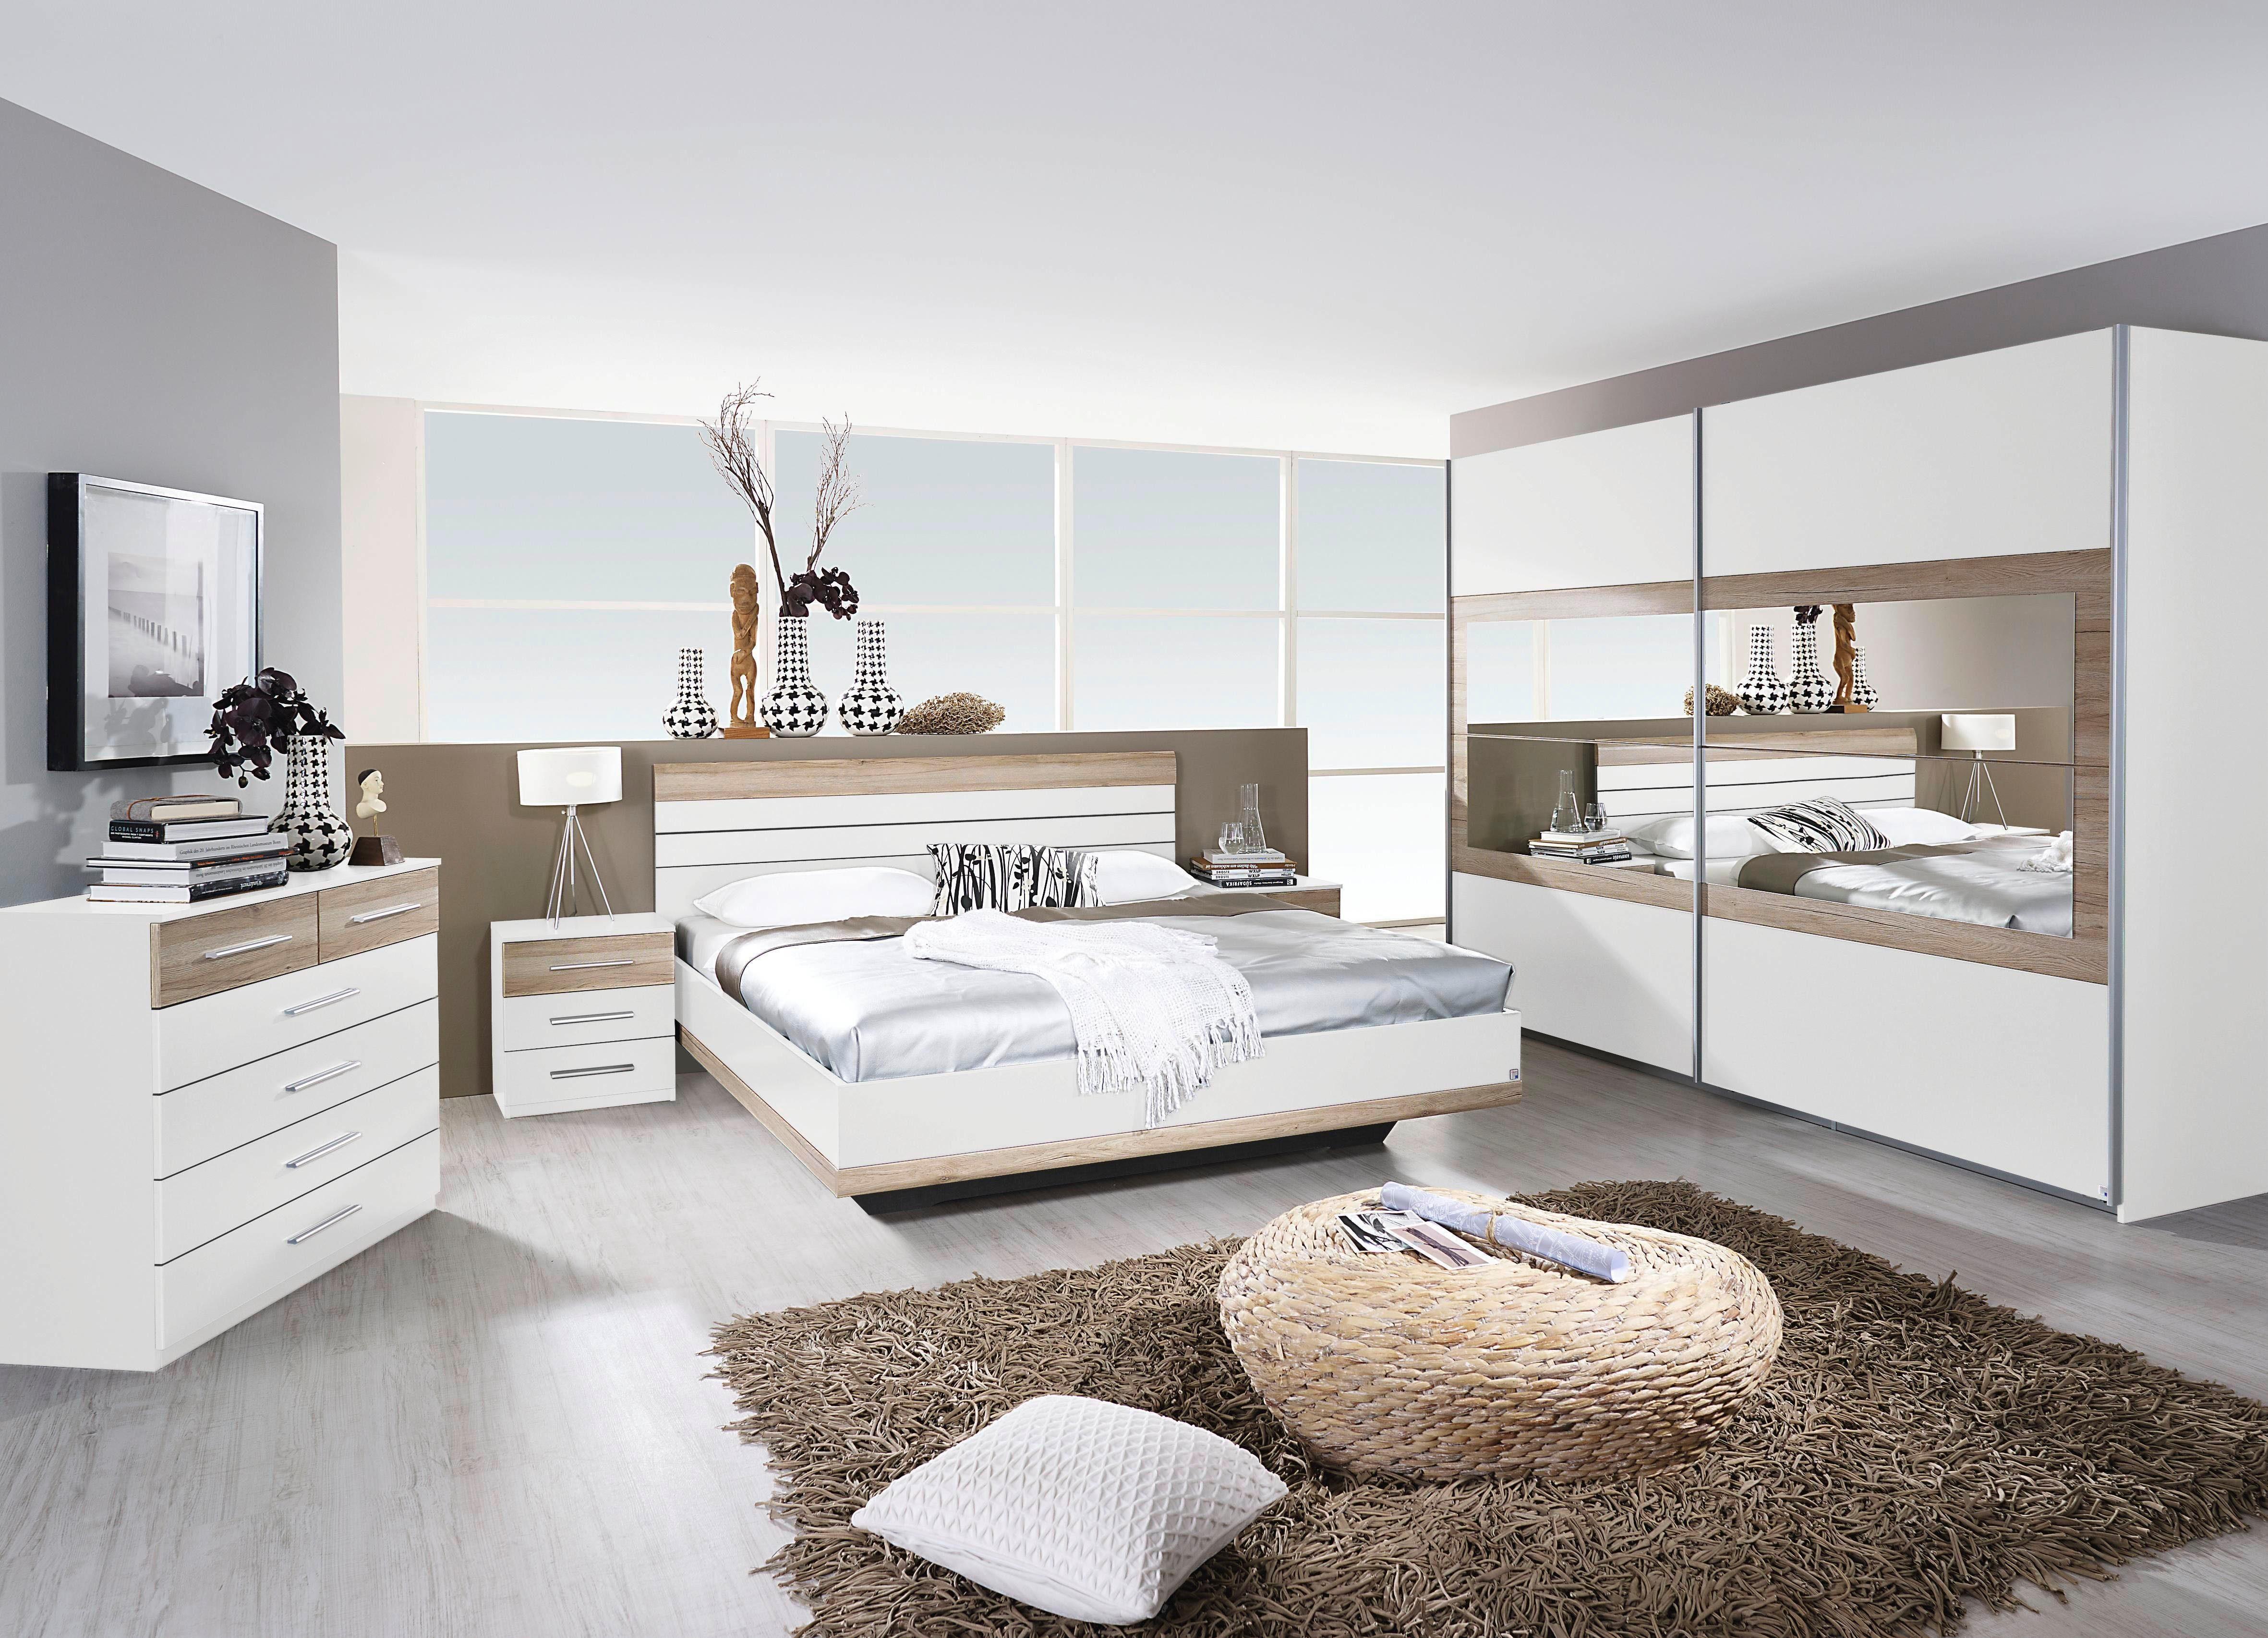 Slaapkamer Bruin Paars : Complete slaapkamer online bestellen dat doe je in onze shop otto